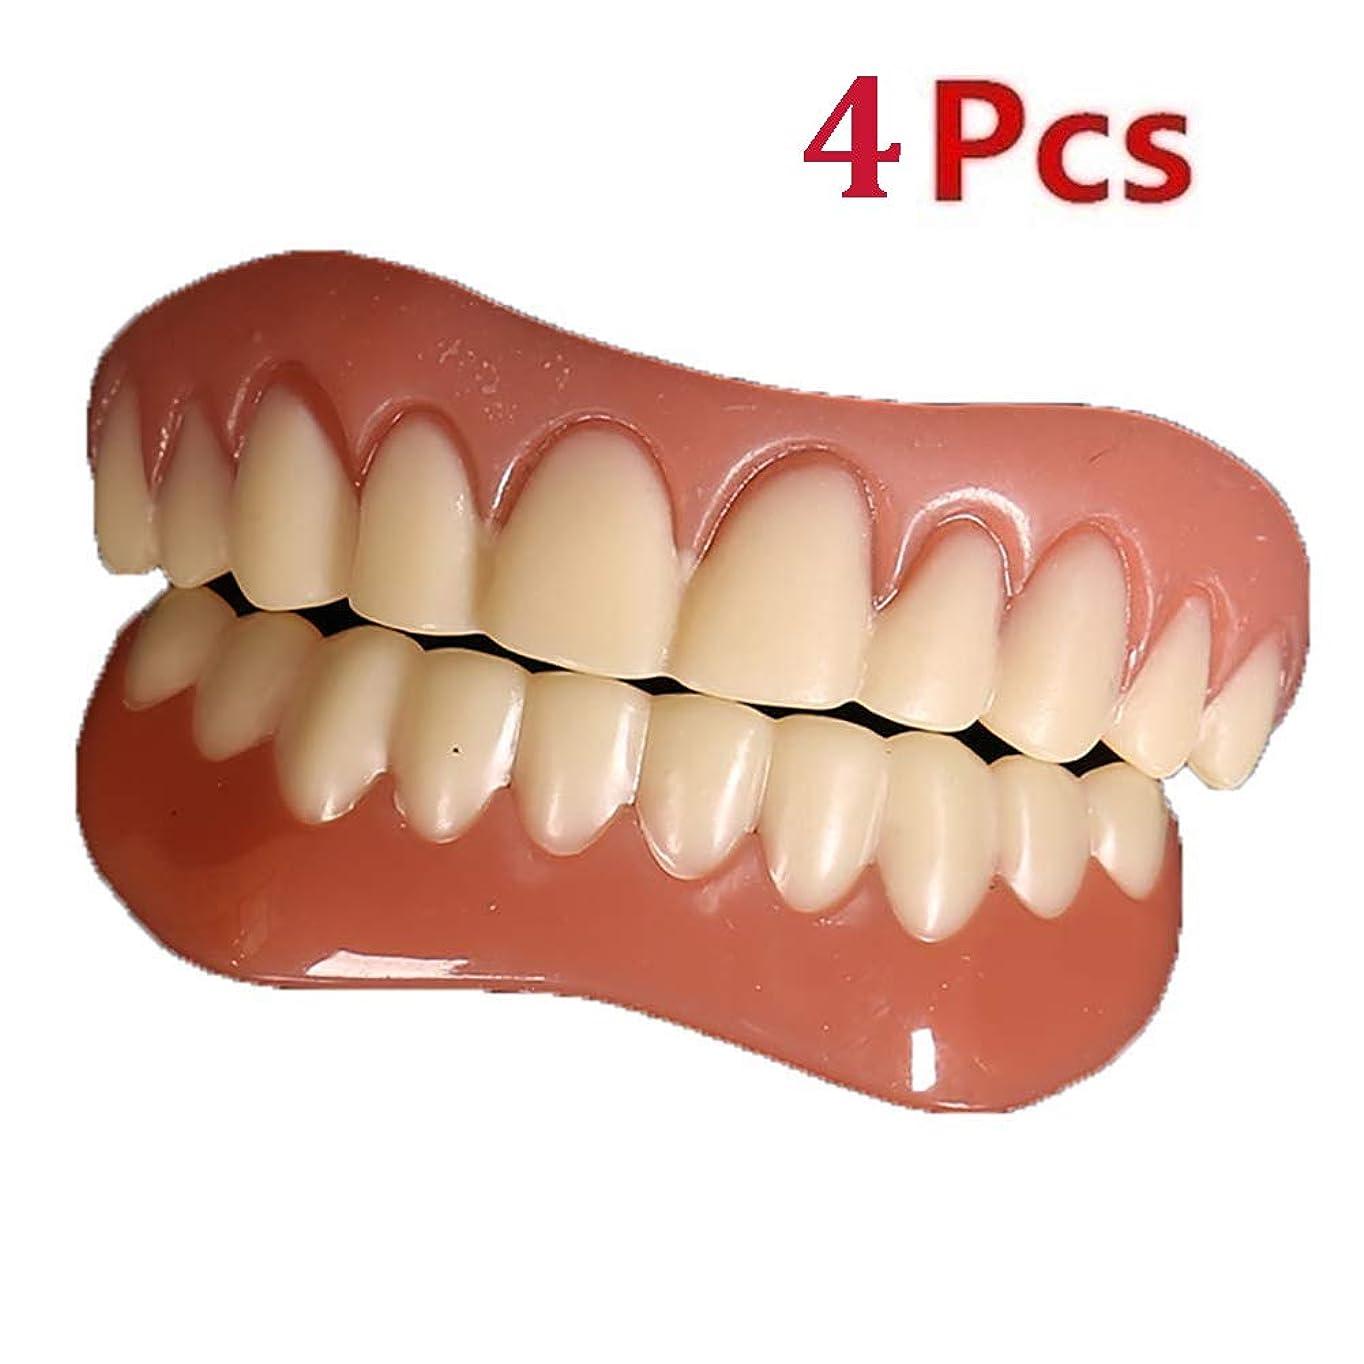 専制イディオム引く4個再利用可能なインスタントスマイルティースアッパーローアーベニアコンフォートフィットティースベニア、数分以内に自宅であなたの笑顔を修正義歯ケアツール